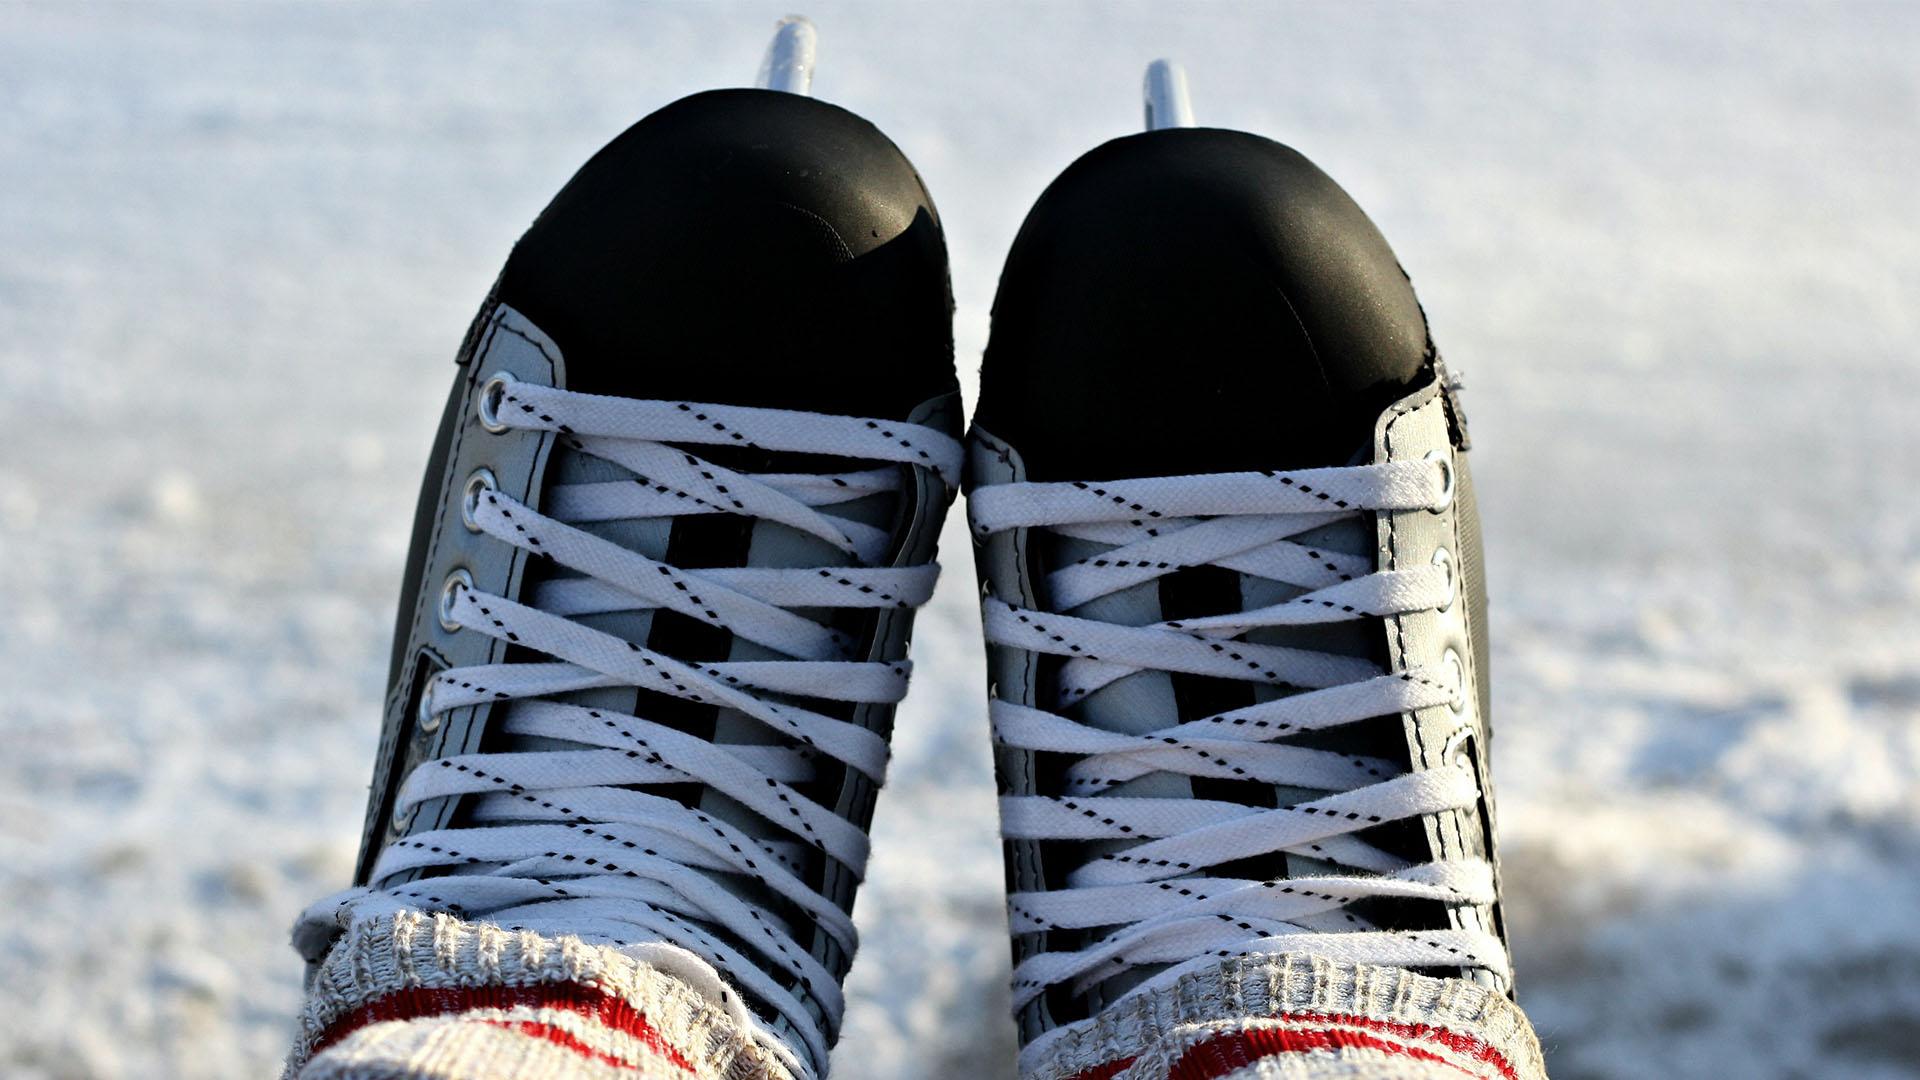 11 letnia dziewczynka z naukowcami z WAT u na lodzie Polacy znow pozytywnie zaskakuja swiat wearepl